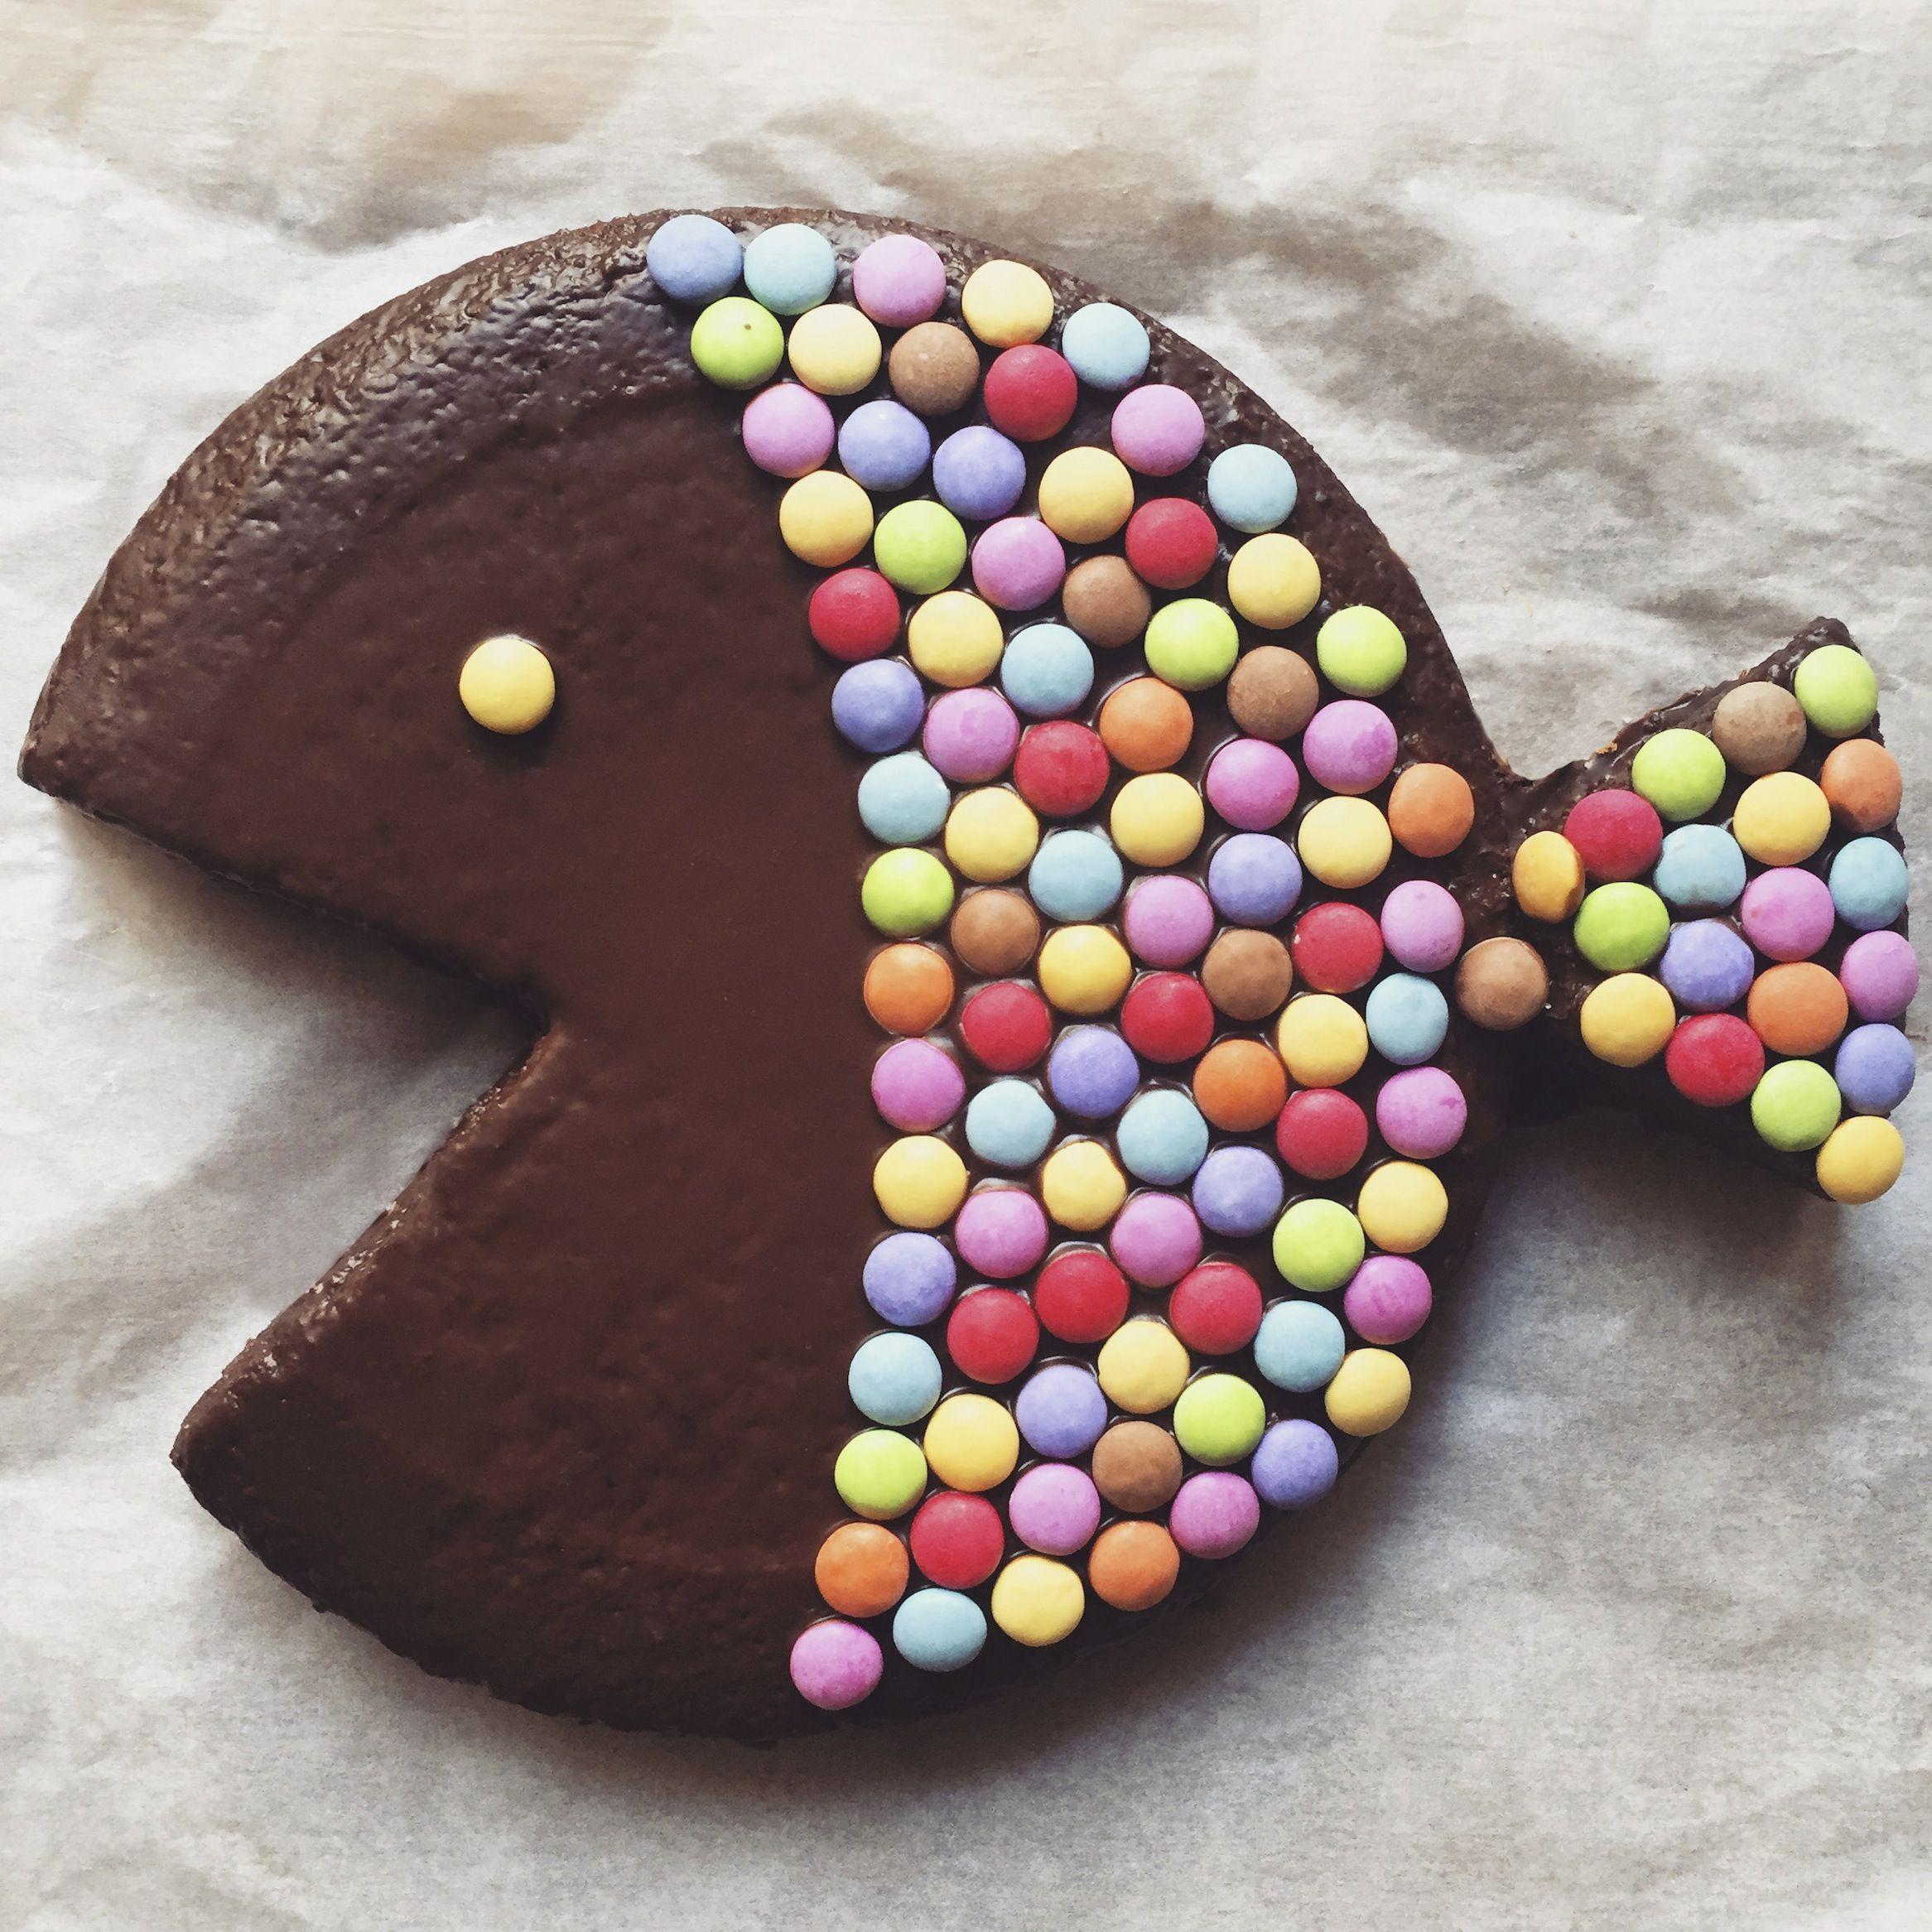 gâteau,chocolat,poisson,avril,smarties,le bonbon 4 œufs,190